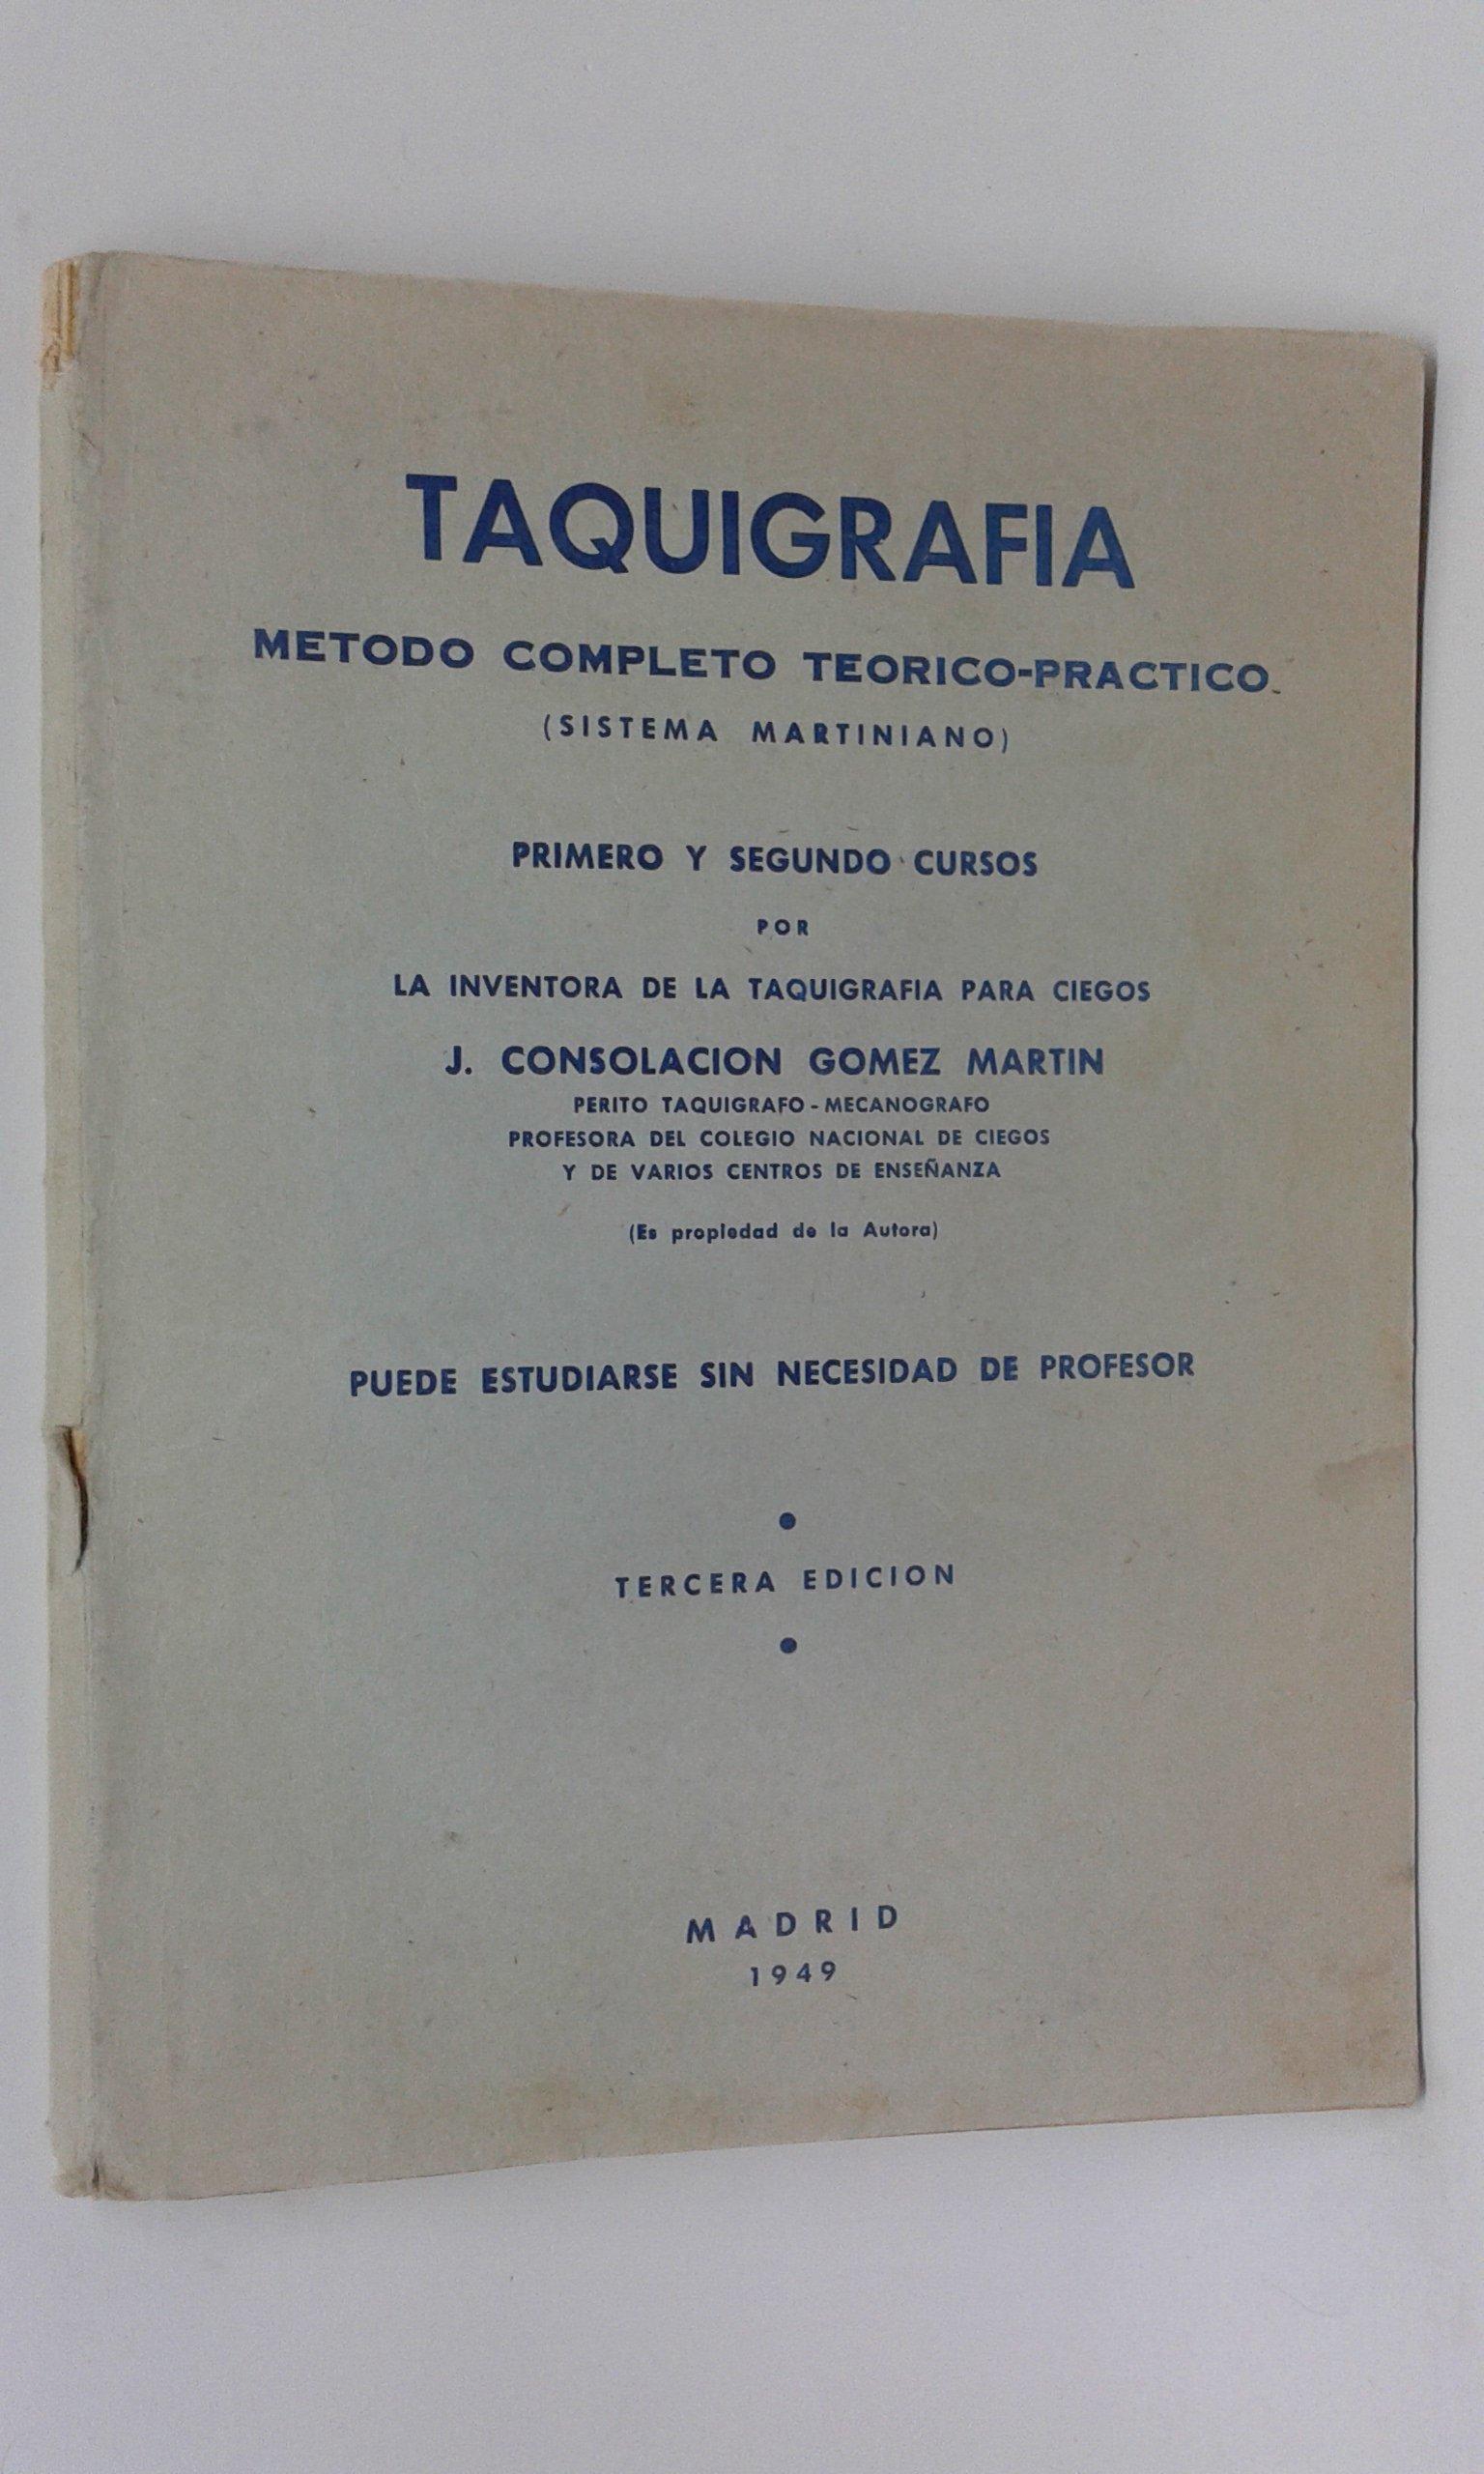 Taquigrafía. Método completo teórico-práctico sistema martiniano ...